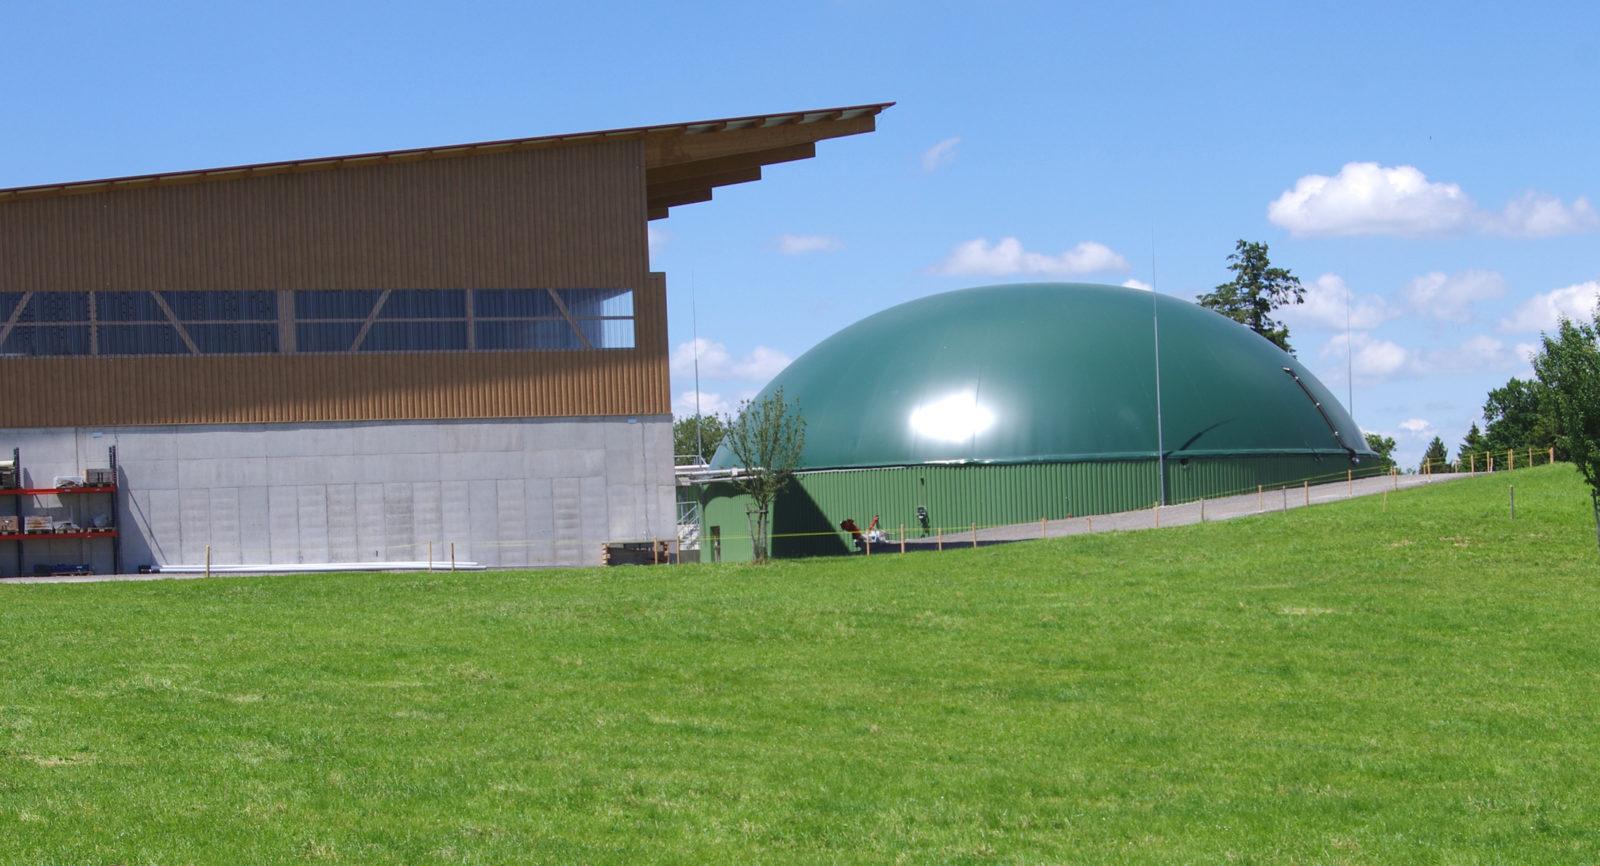 Landwirte der Region liefern Bioabfälle, die schliesslich als Biogas im Speicher zwischenlagern.